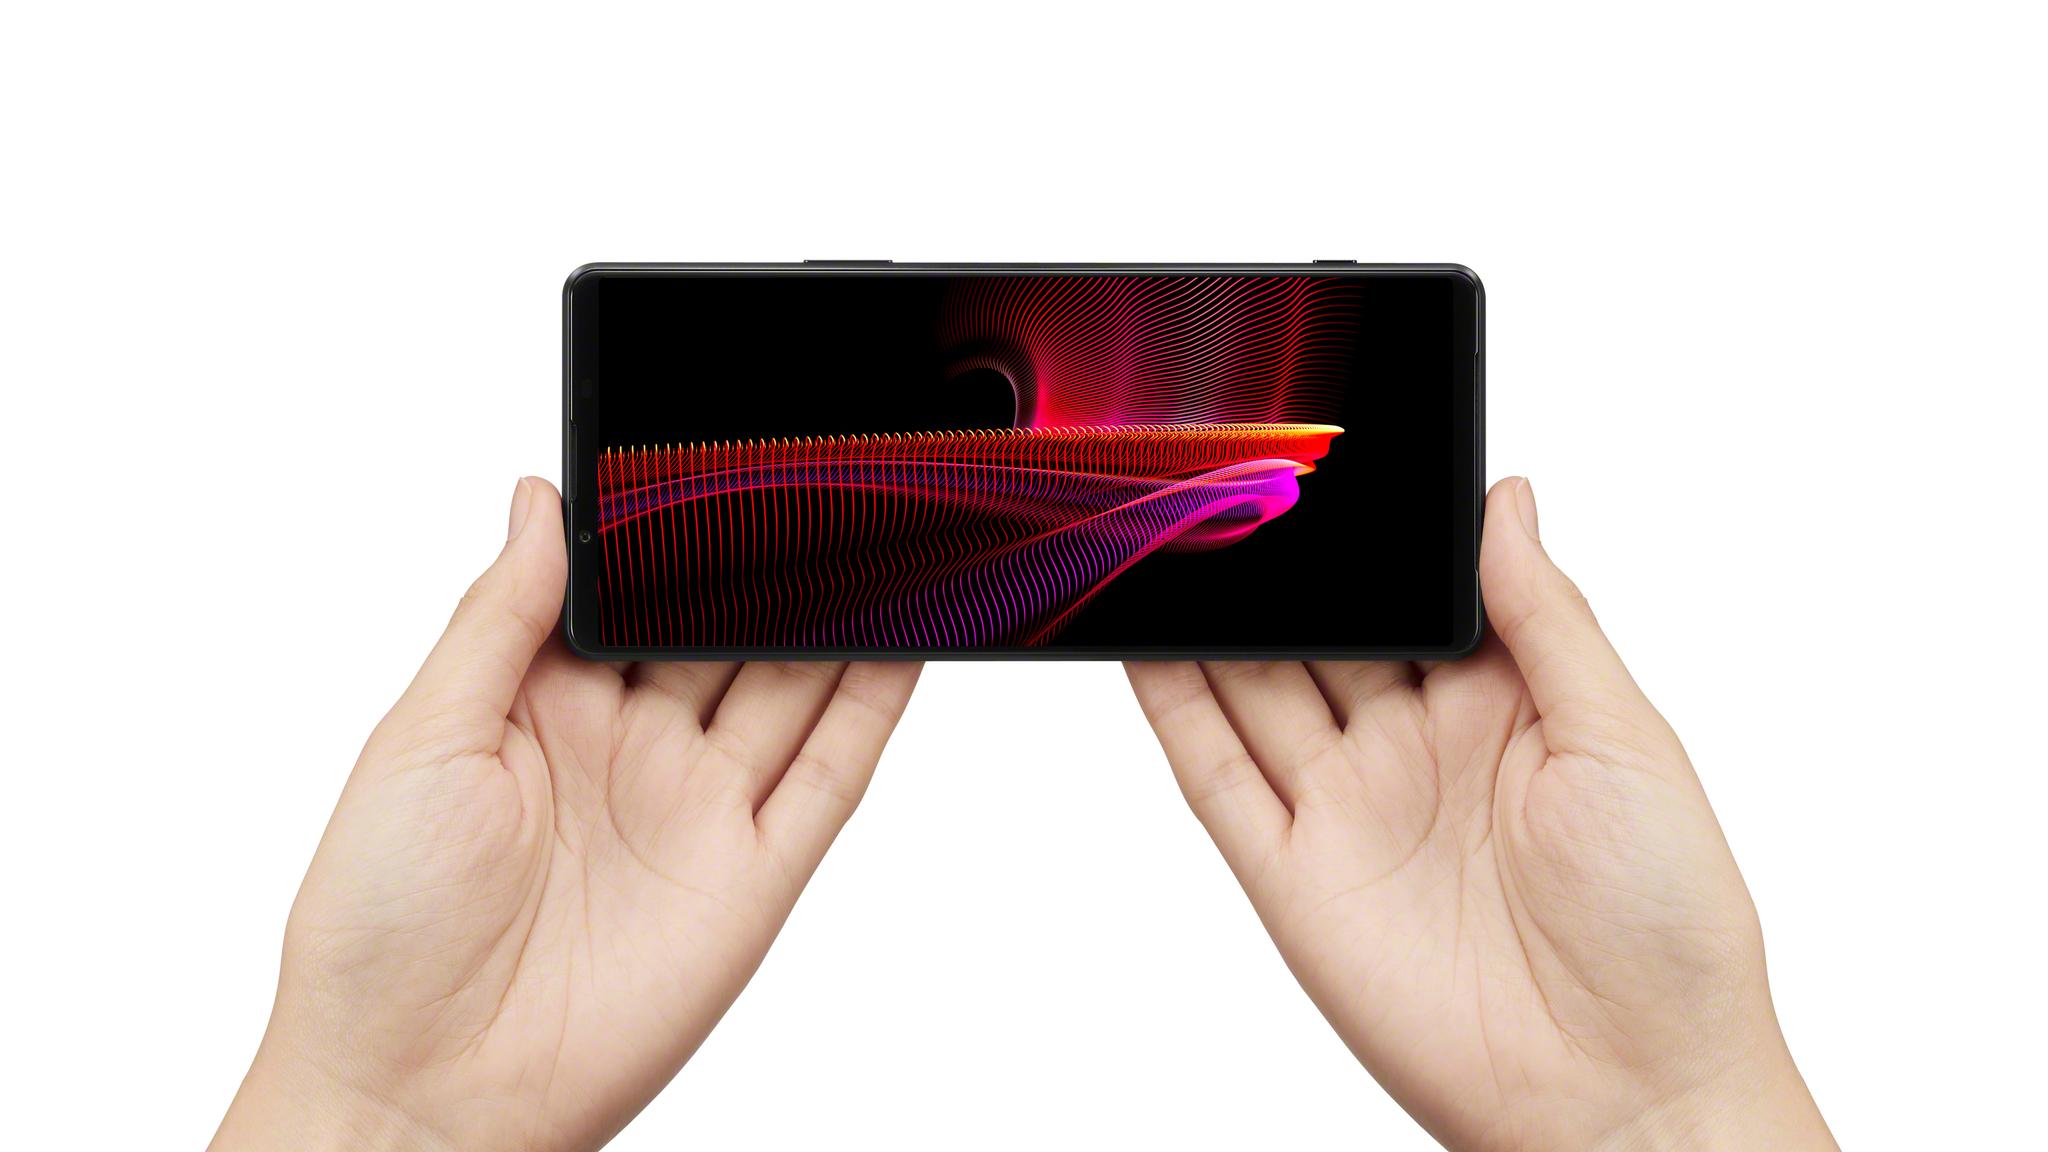 Соотношение экрана 21:9 у Xperia 1 III делает смартфон идеальным для игр и фильмов